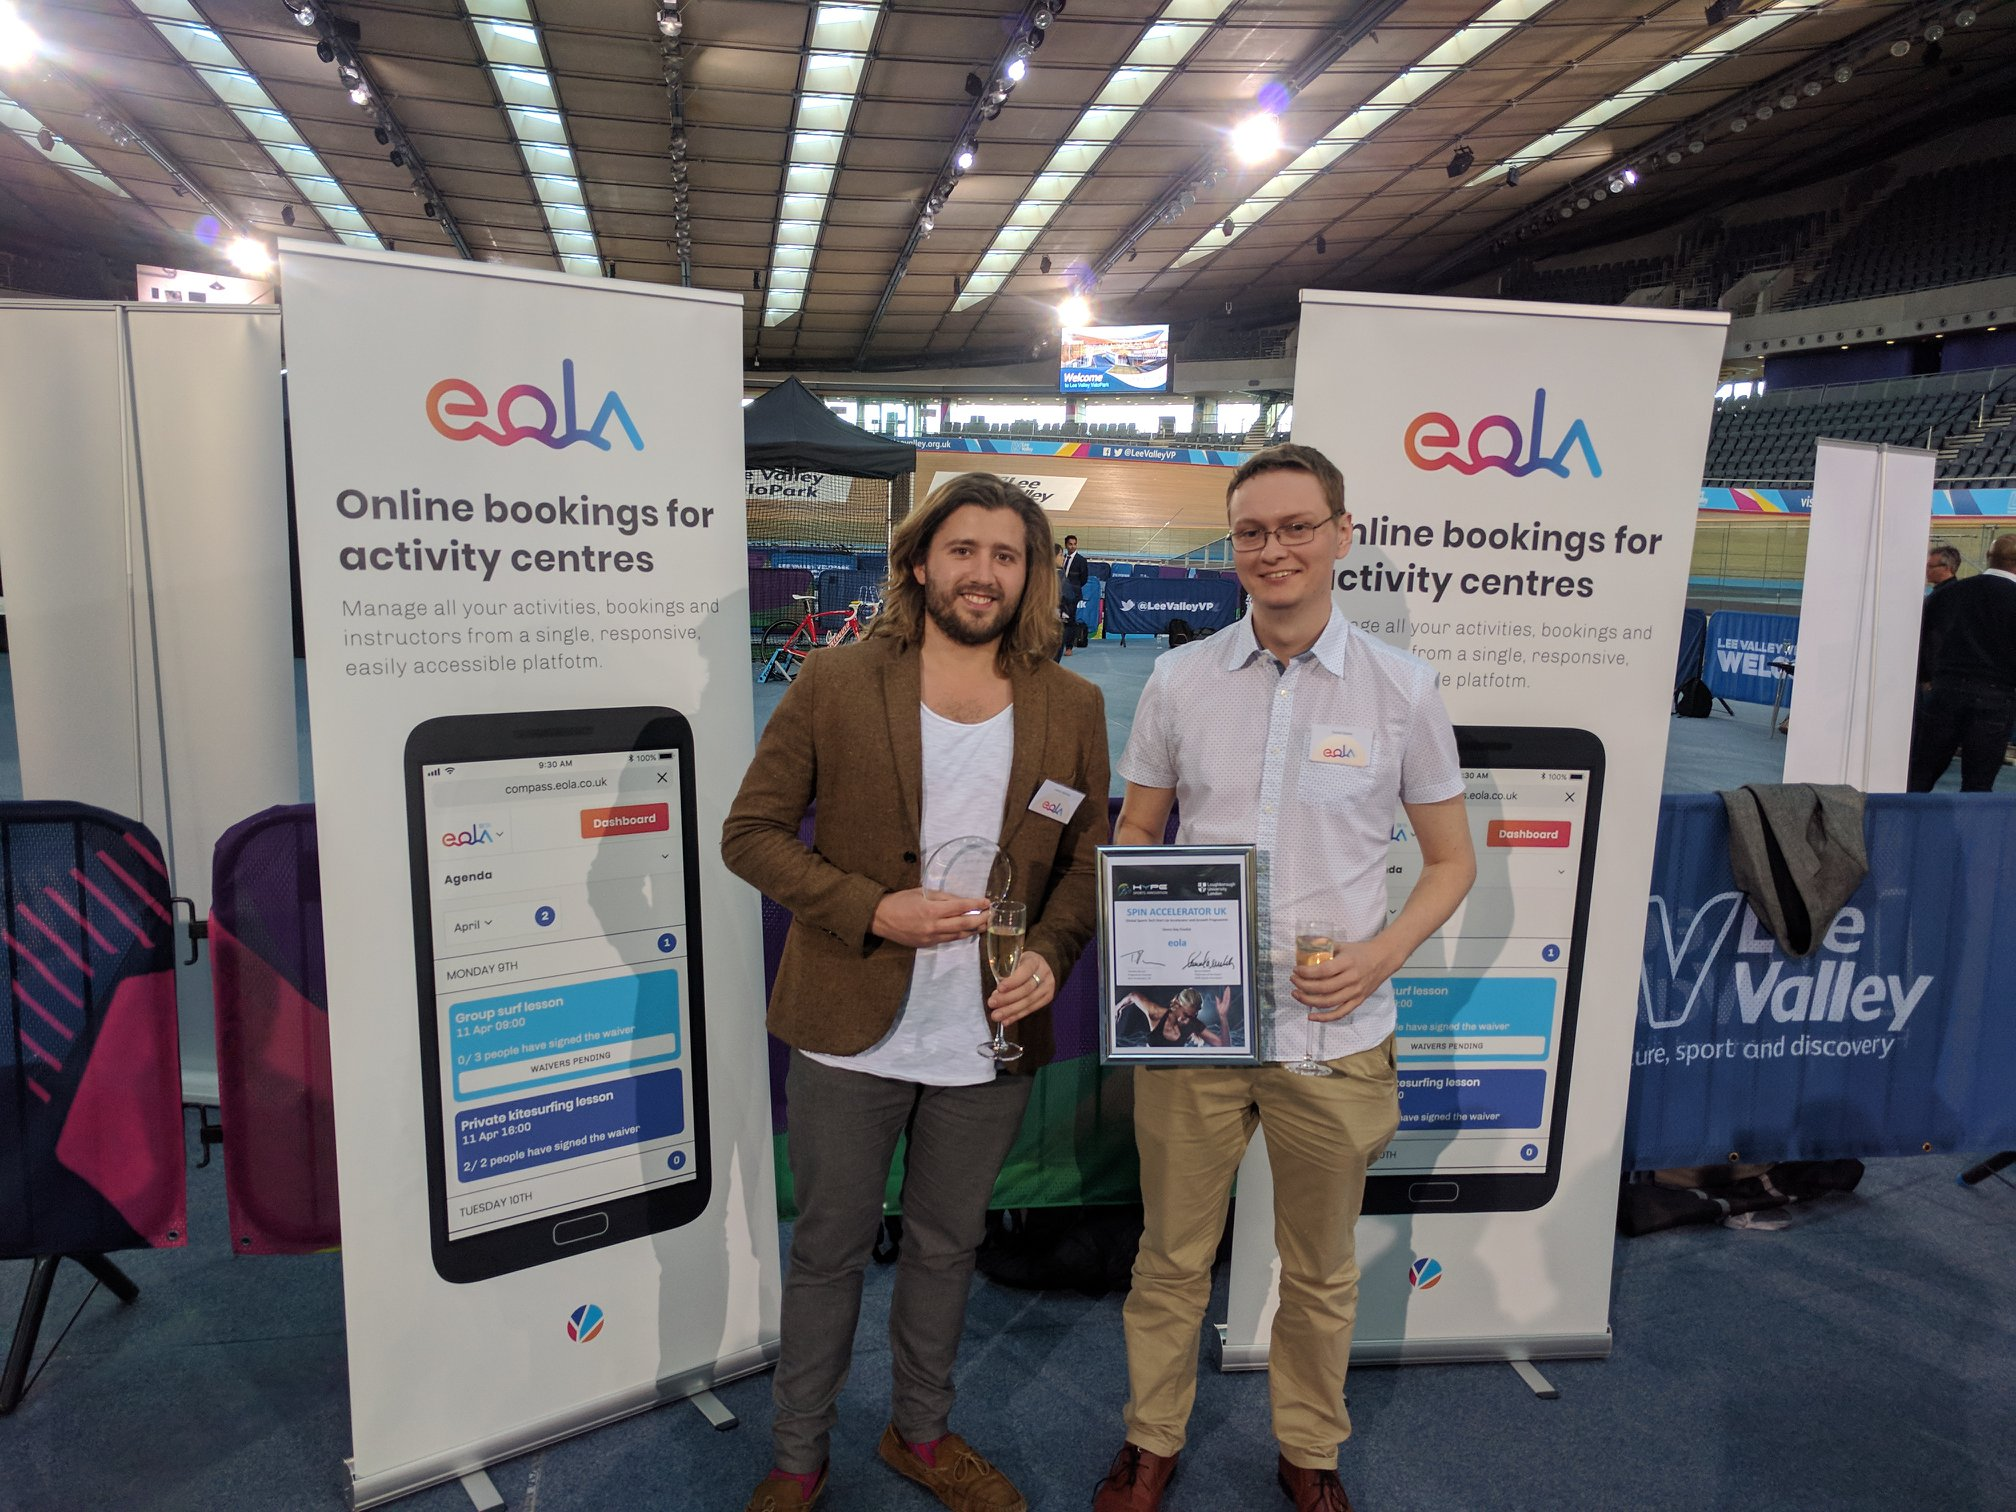 eola wins an award